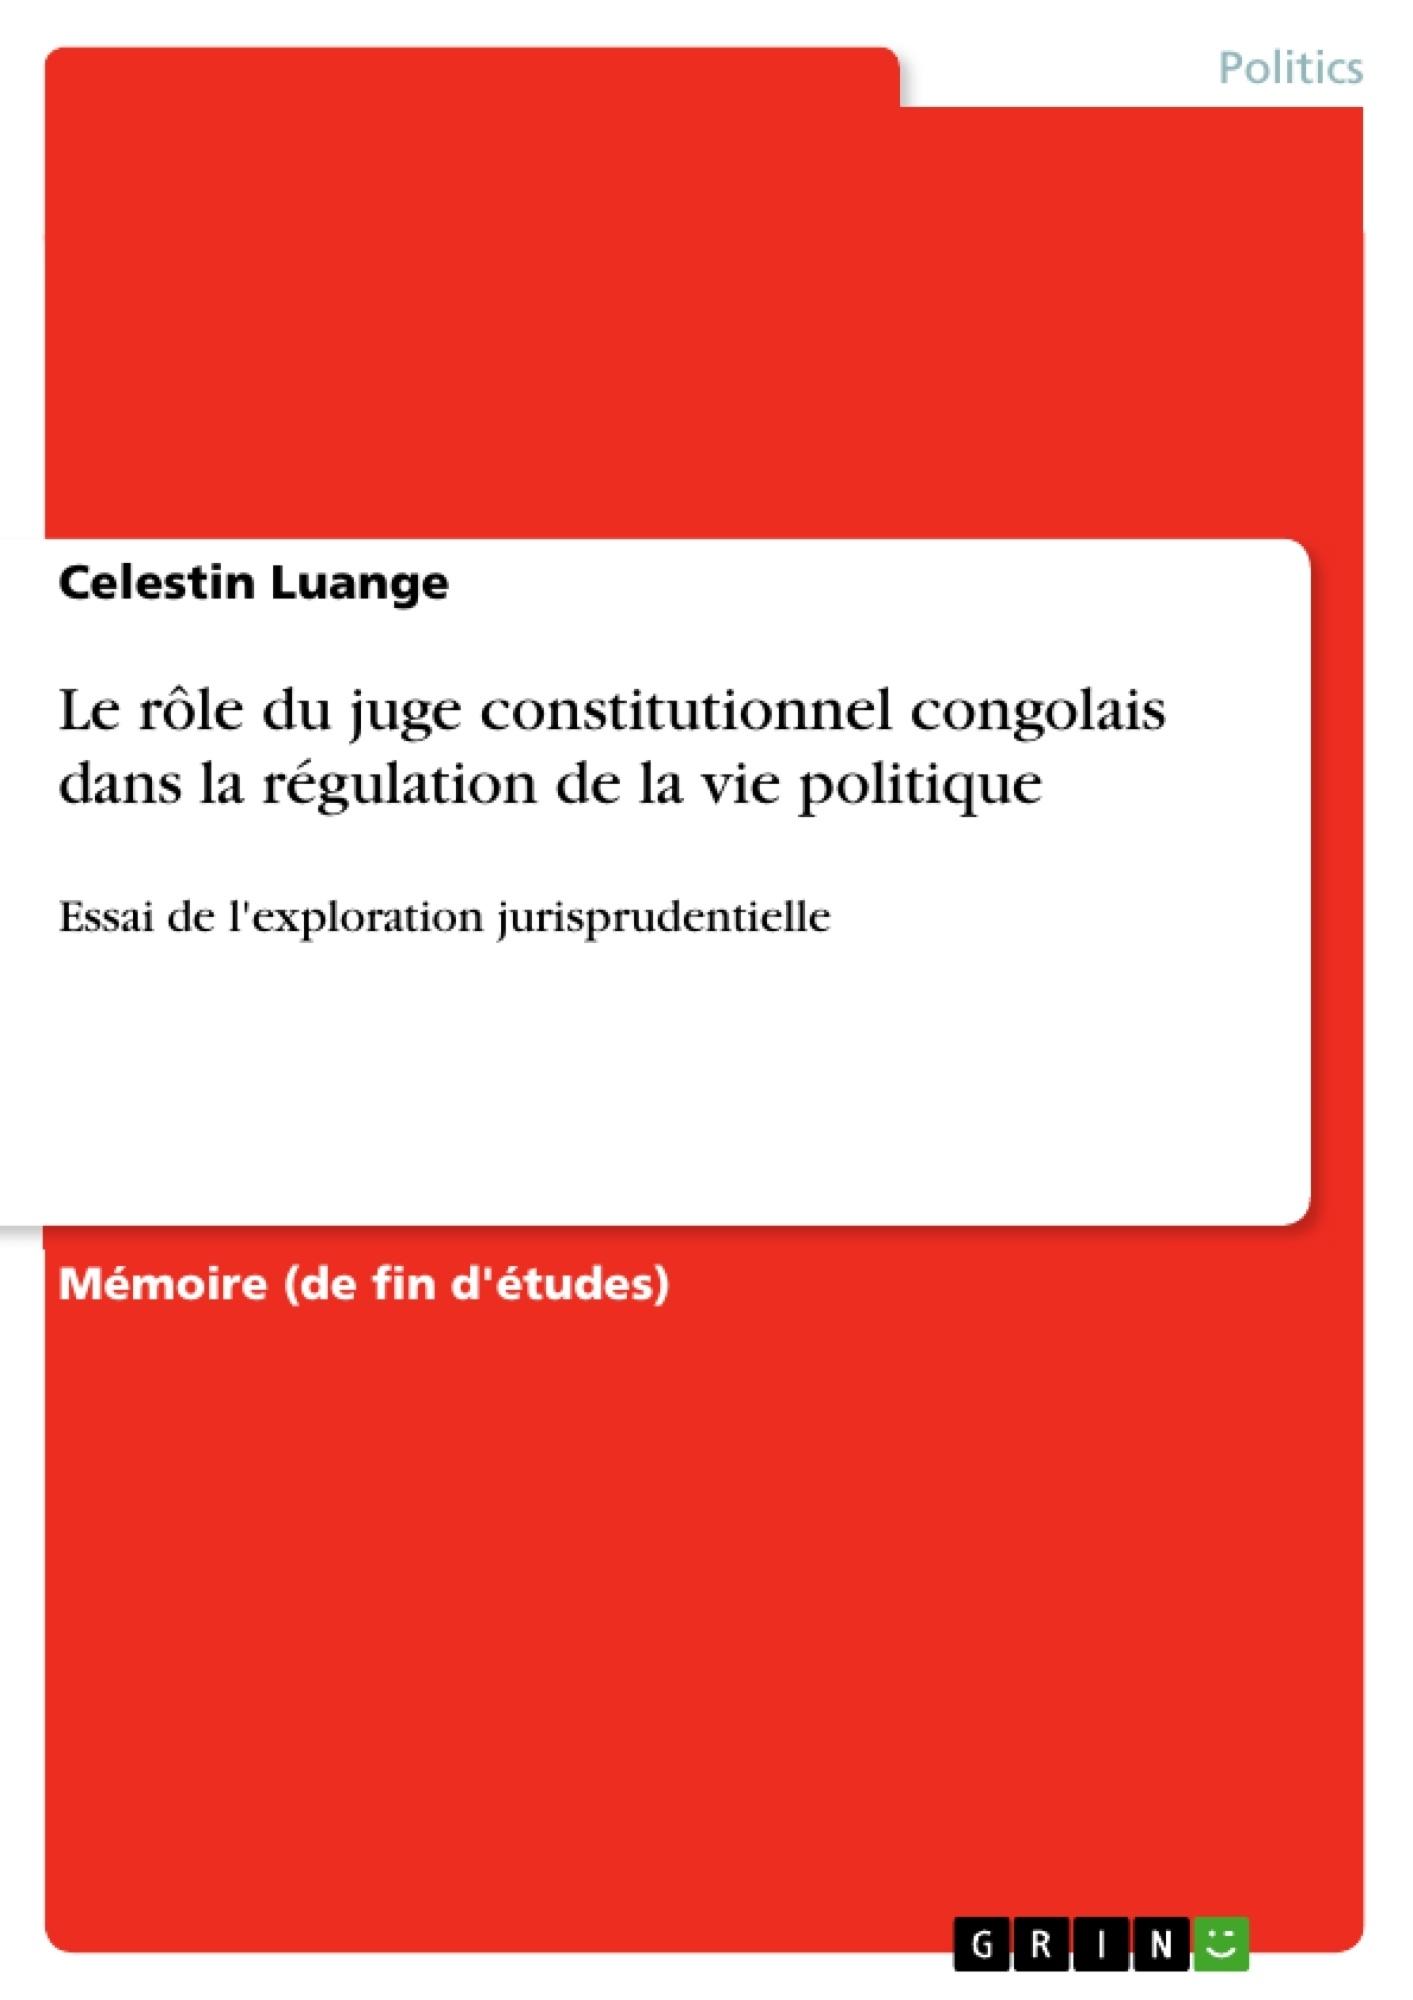 Titre: Le rôle du juge constitutionnel congolais dans la régulation de la vie politique